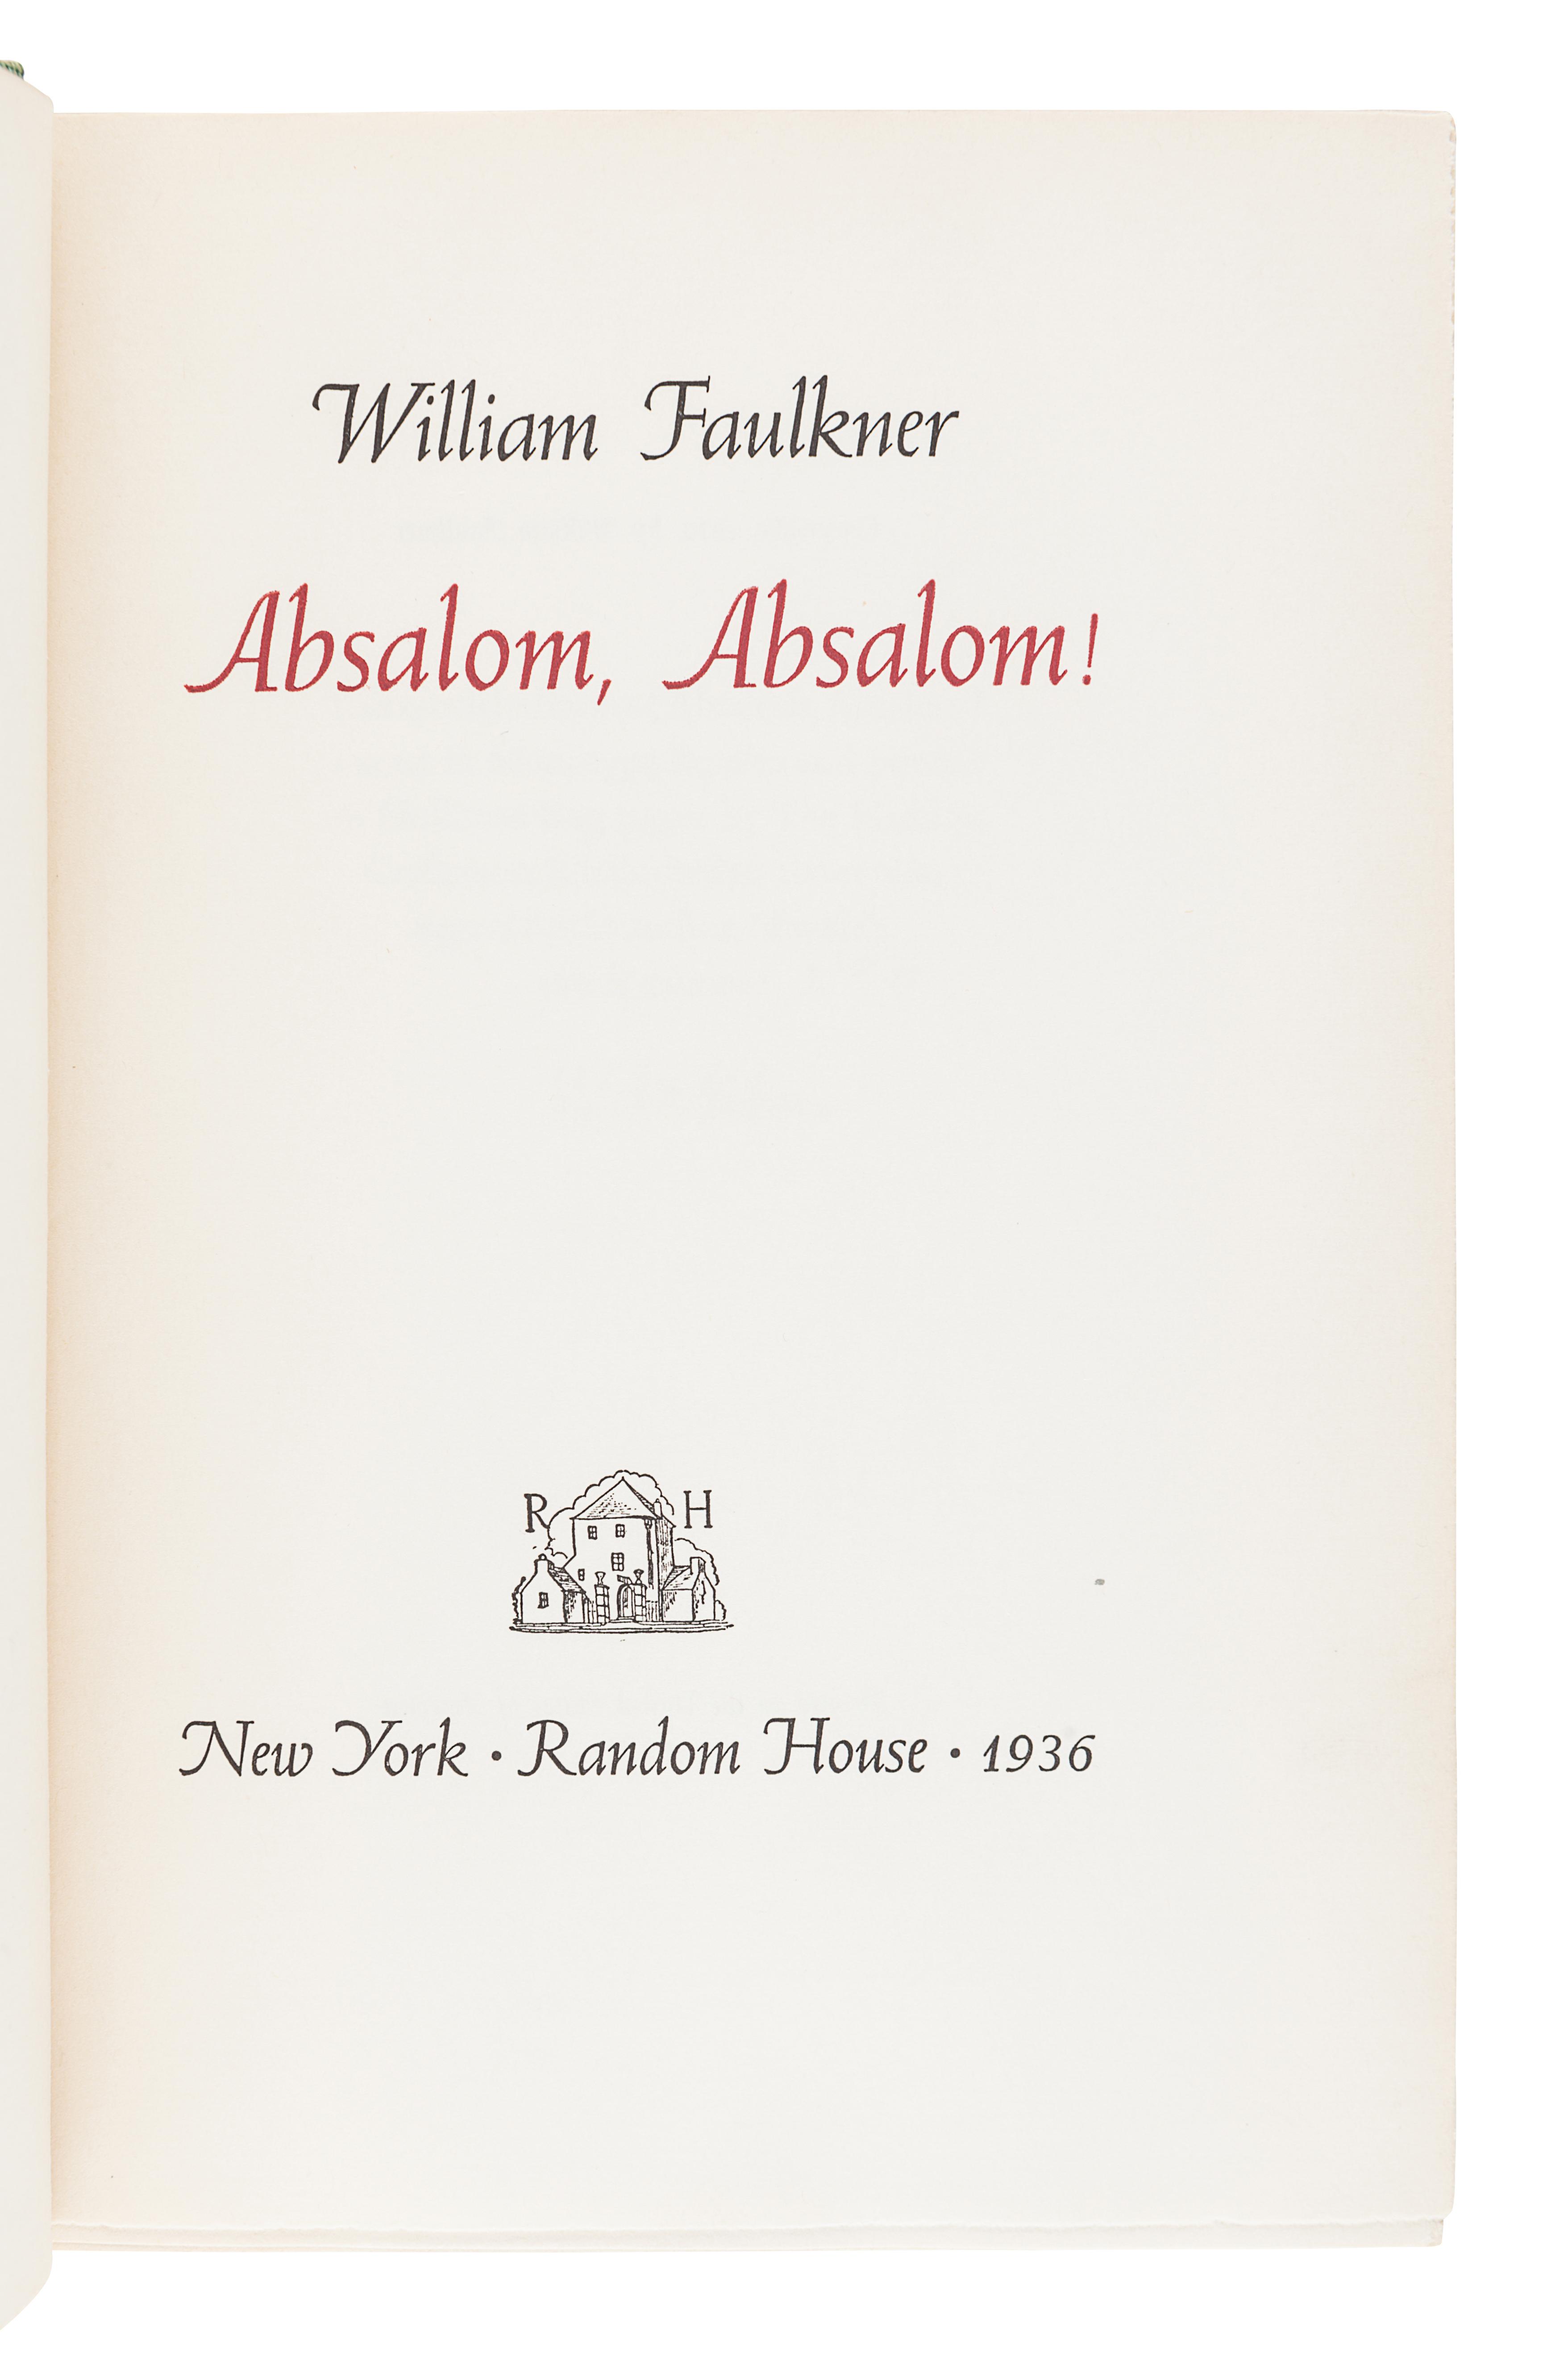 FAULKNER, William (1897-1962). Absalom, Absalom! New York: Random House, 1936. - Image 3 of 3